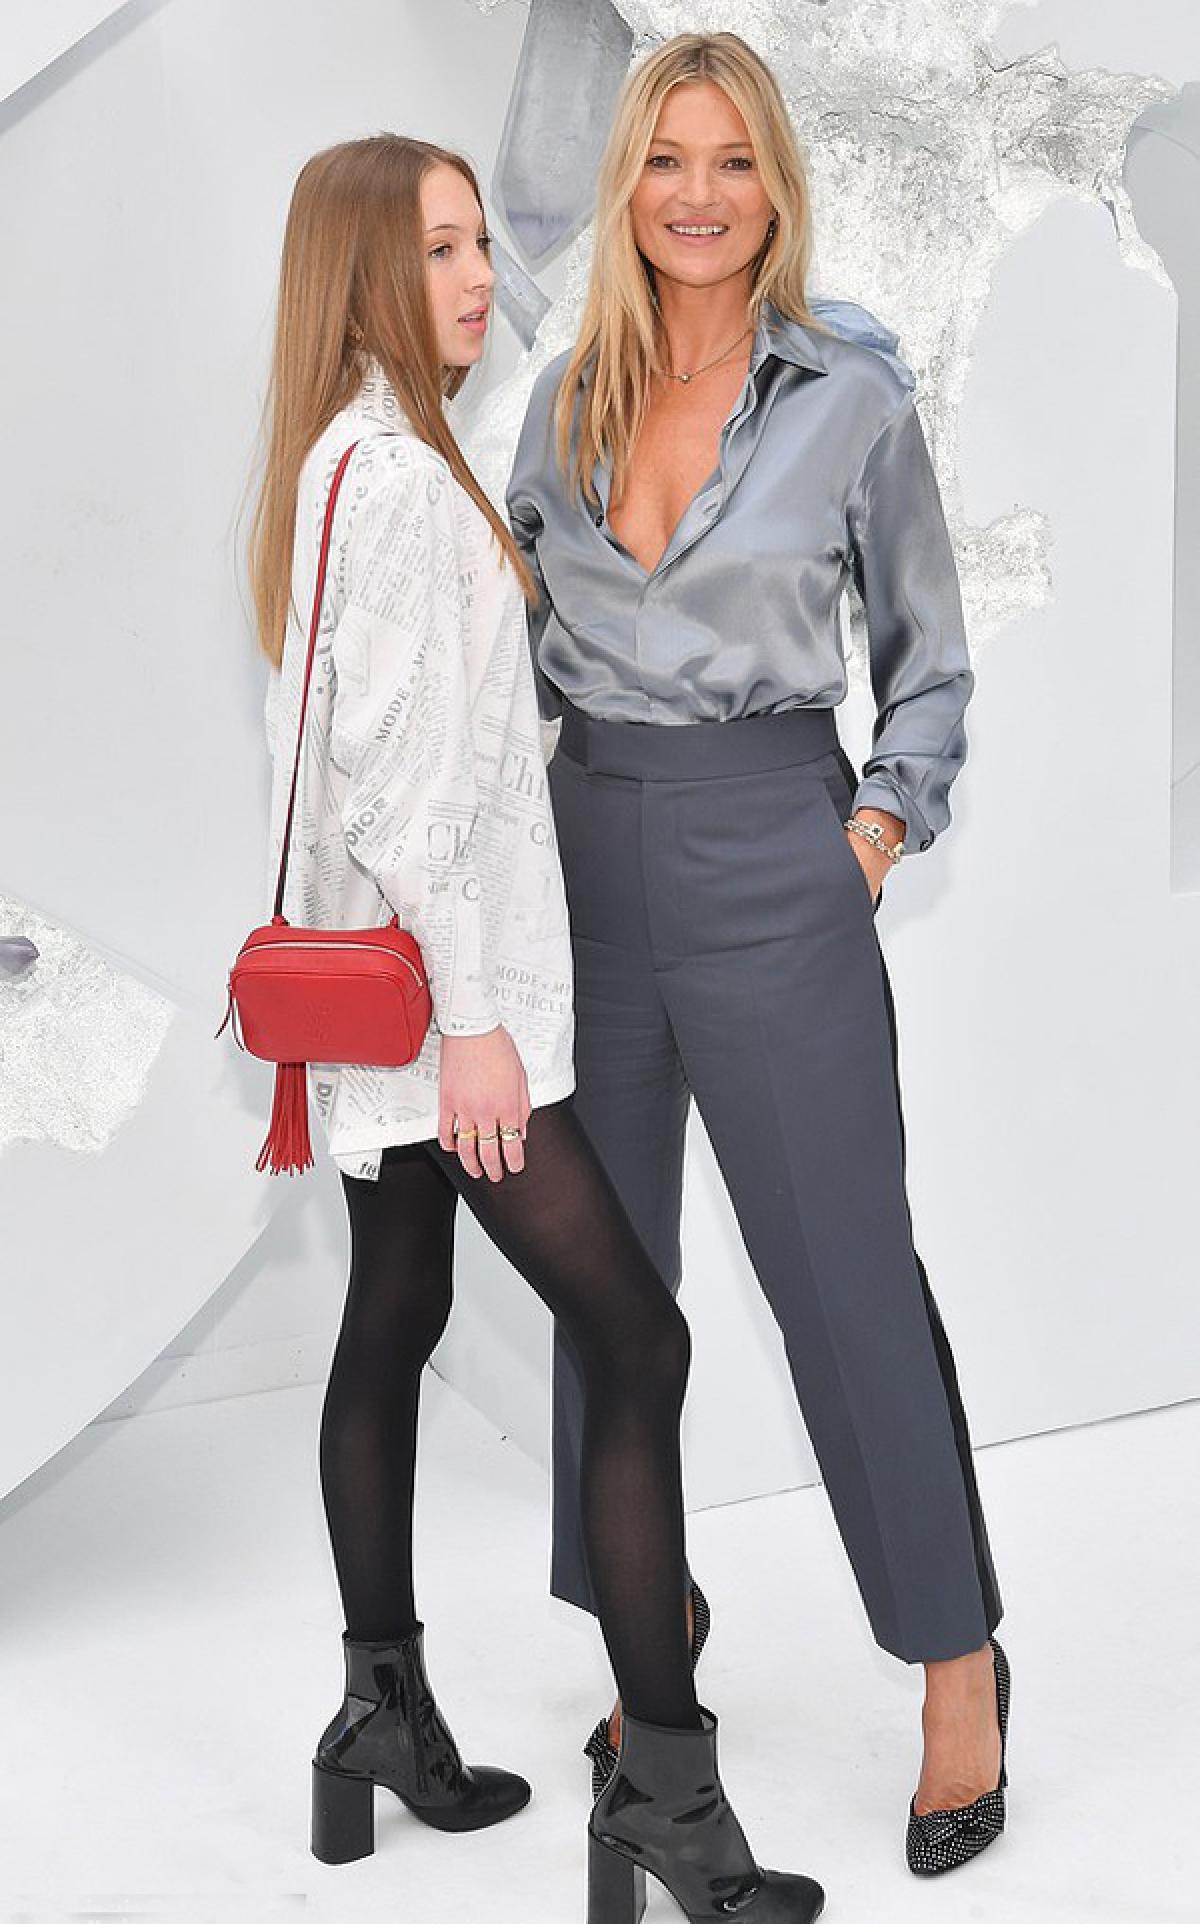 Trước đây, Kate Moss hiếm khi đưa con gái đến các sự kiện lớn.